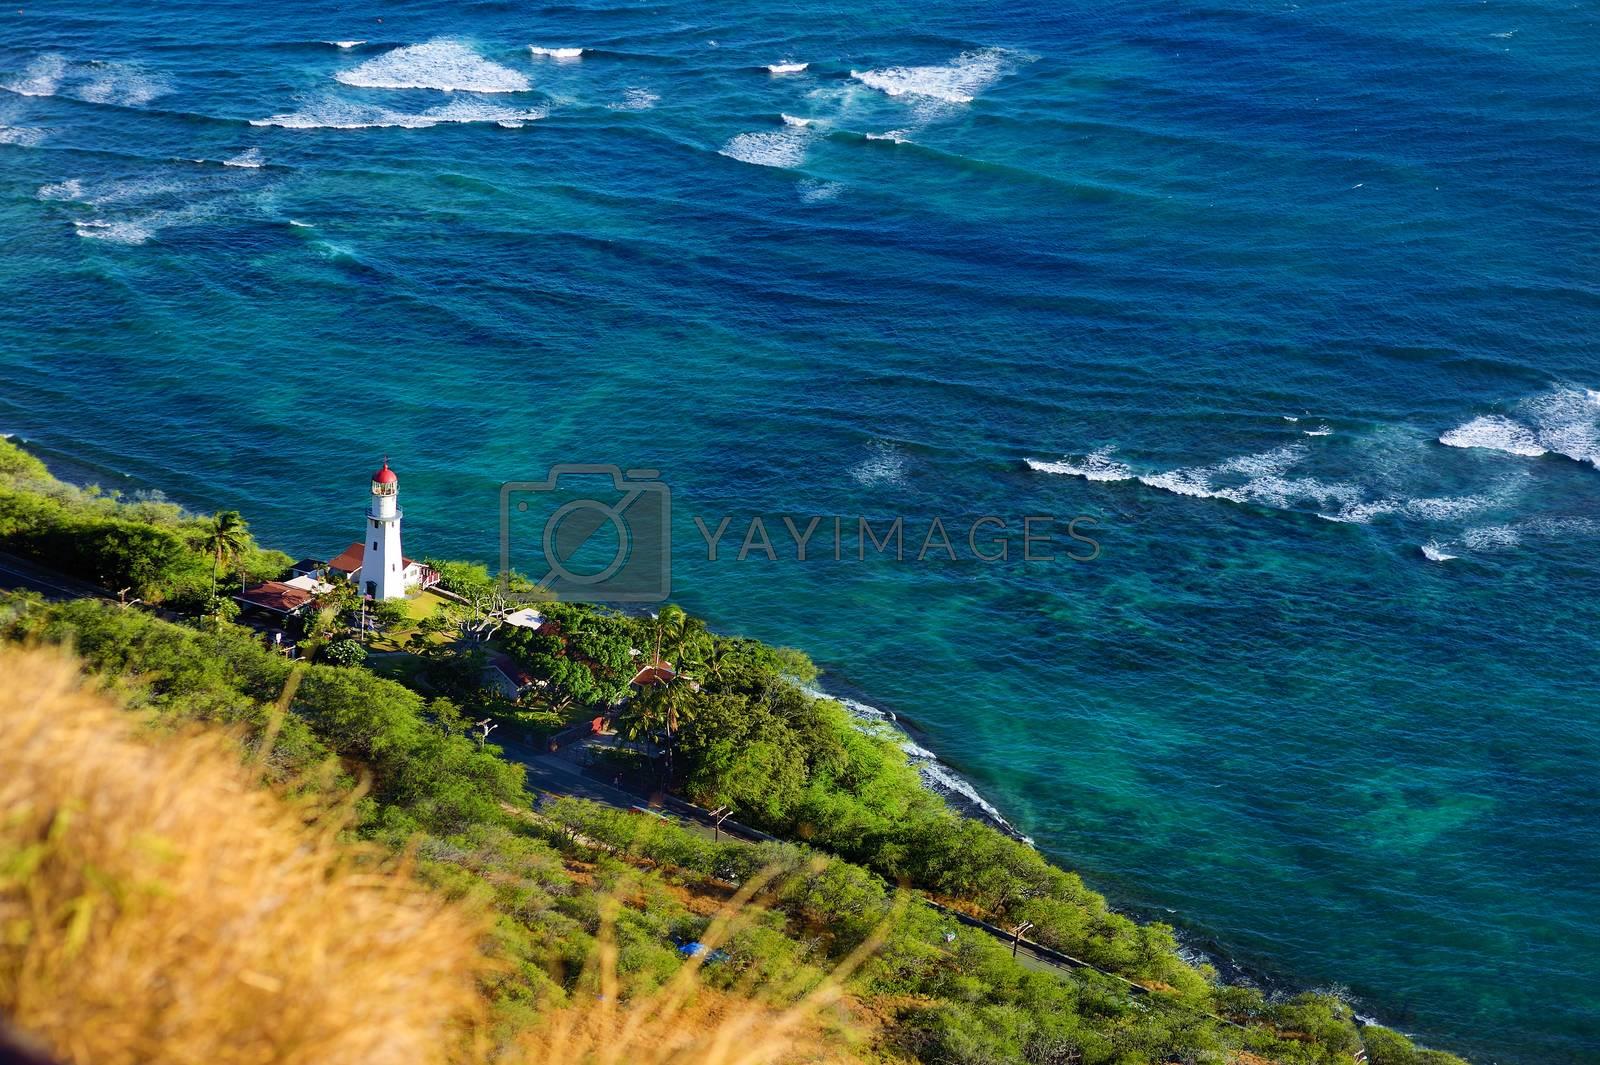 Diamond Head lighthouse, Honolulu, Hawaii